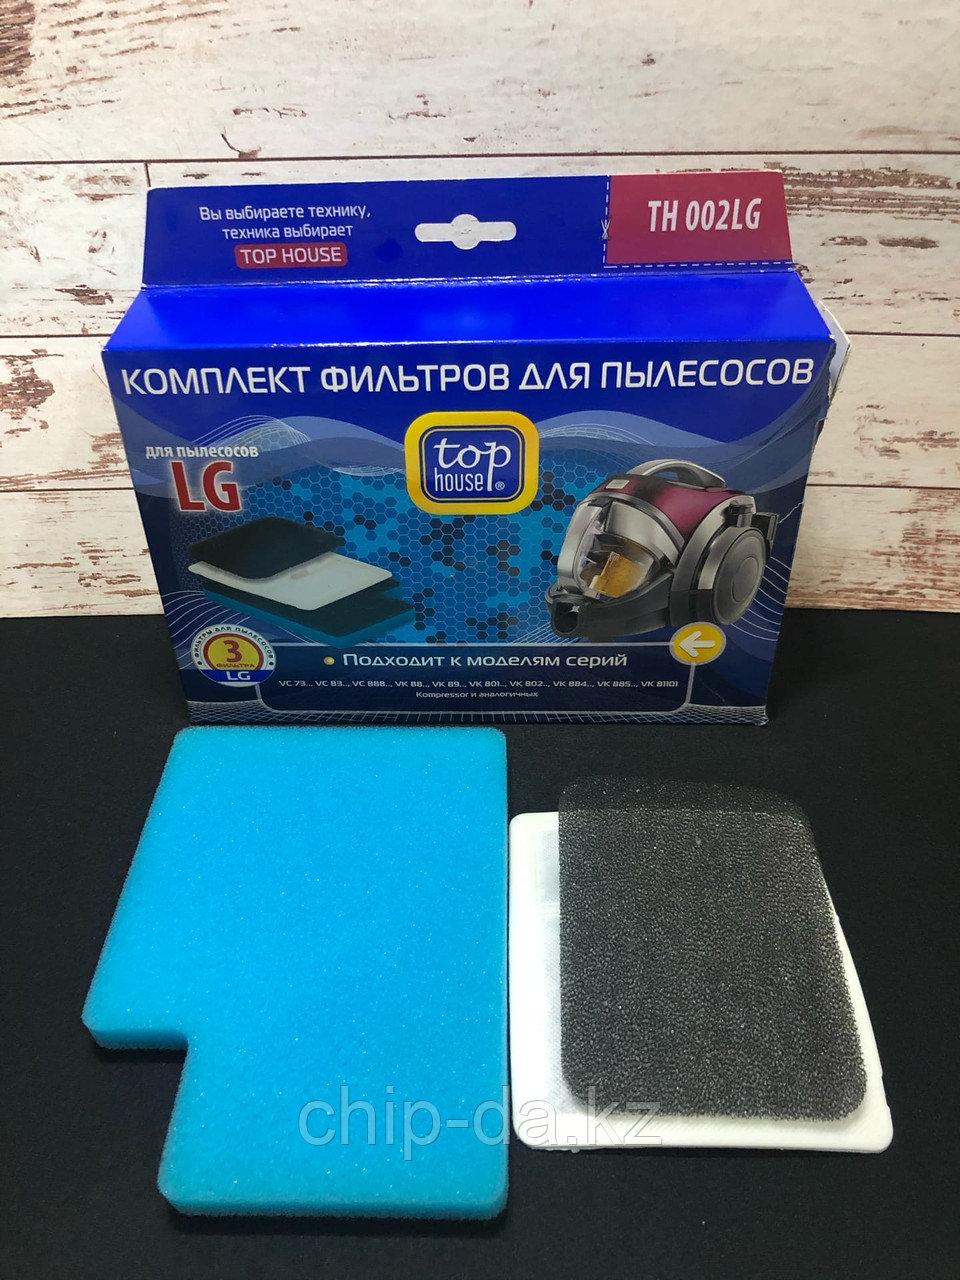 Фильтры для пылесоса LG VC 88888